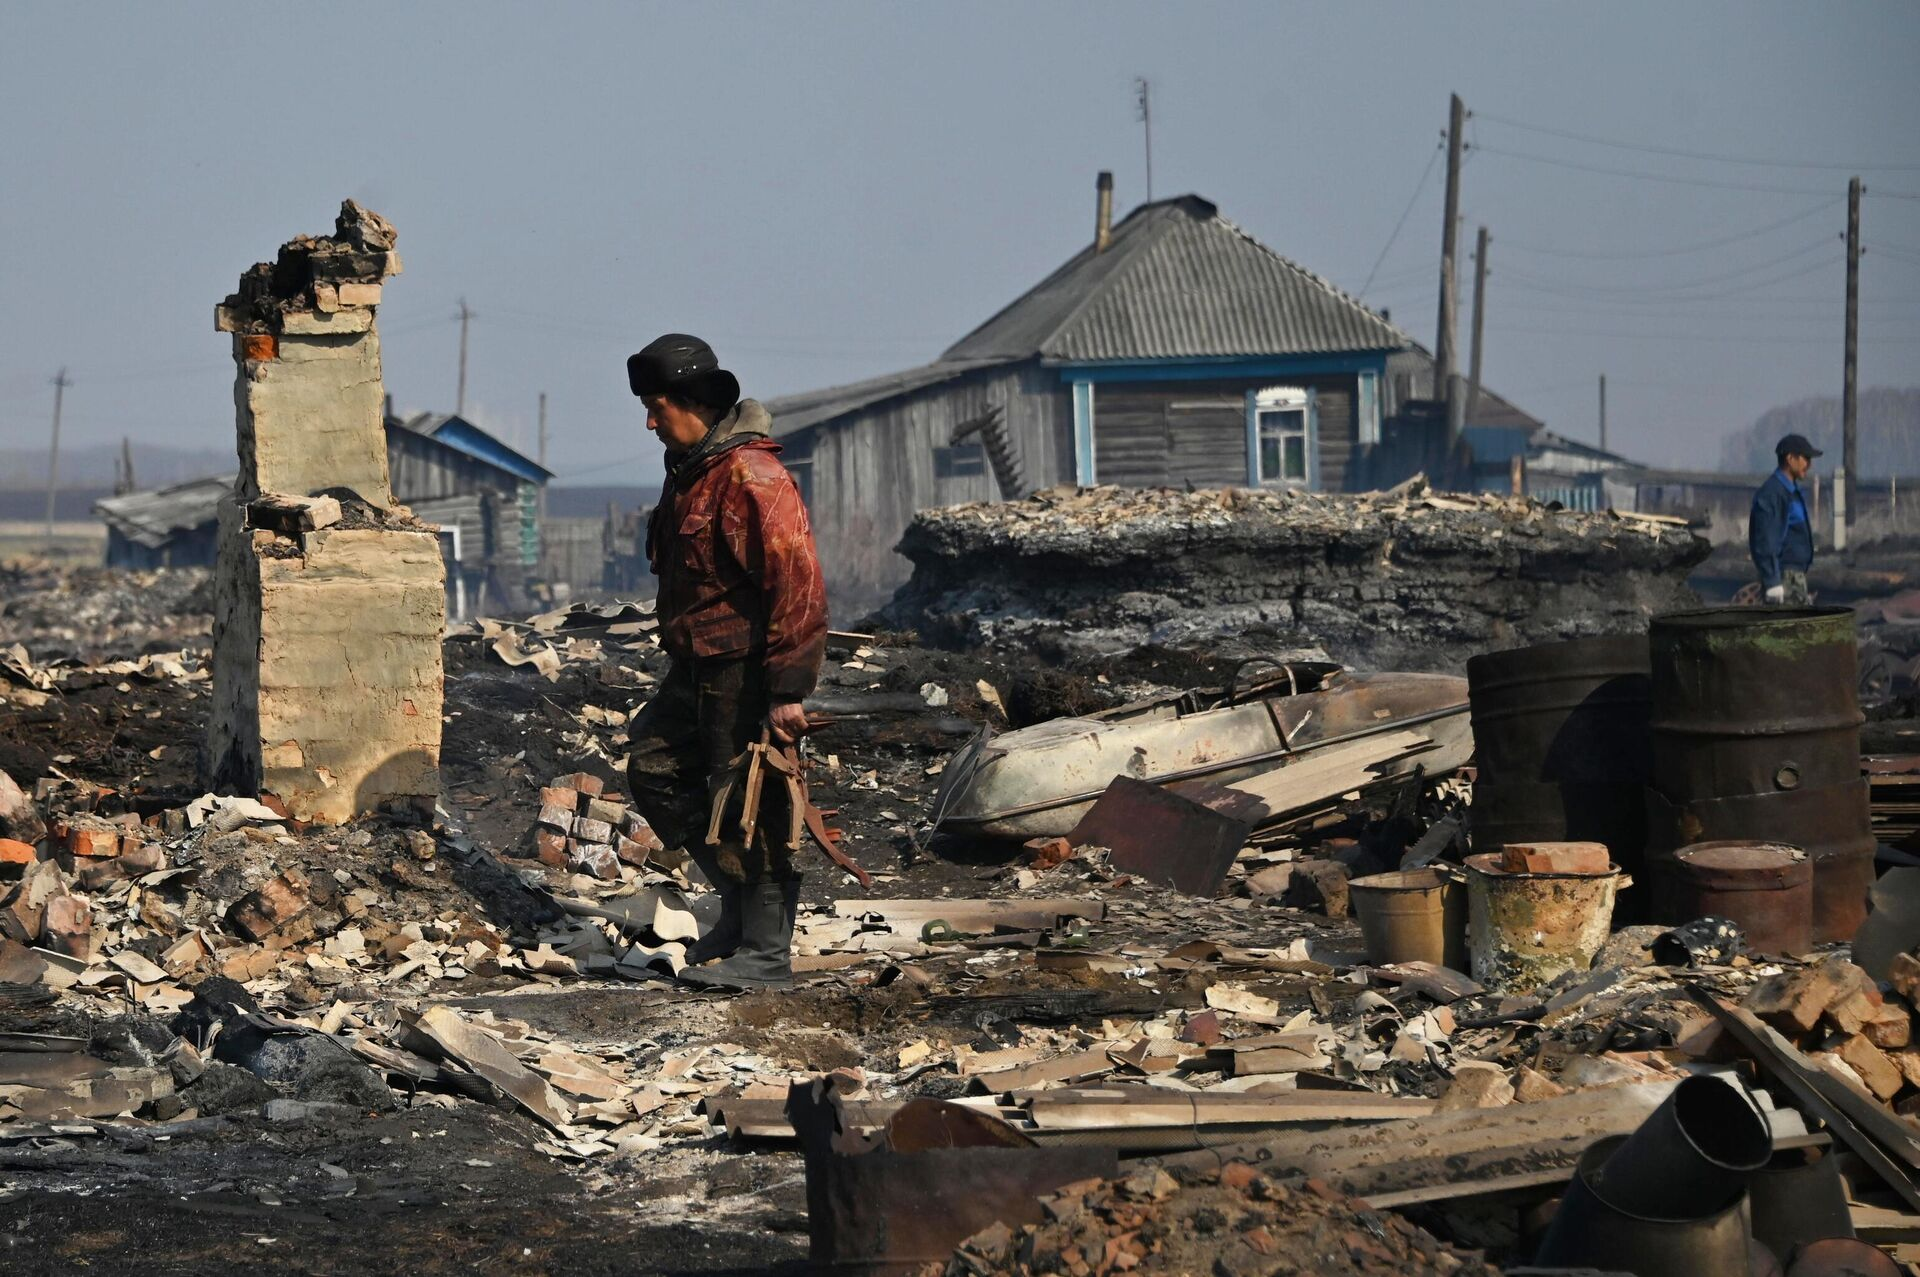 Последствия пожара в деревне Каракуль в Омской области - РИА Новости, 1920, 07.05.2021